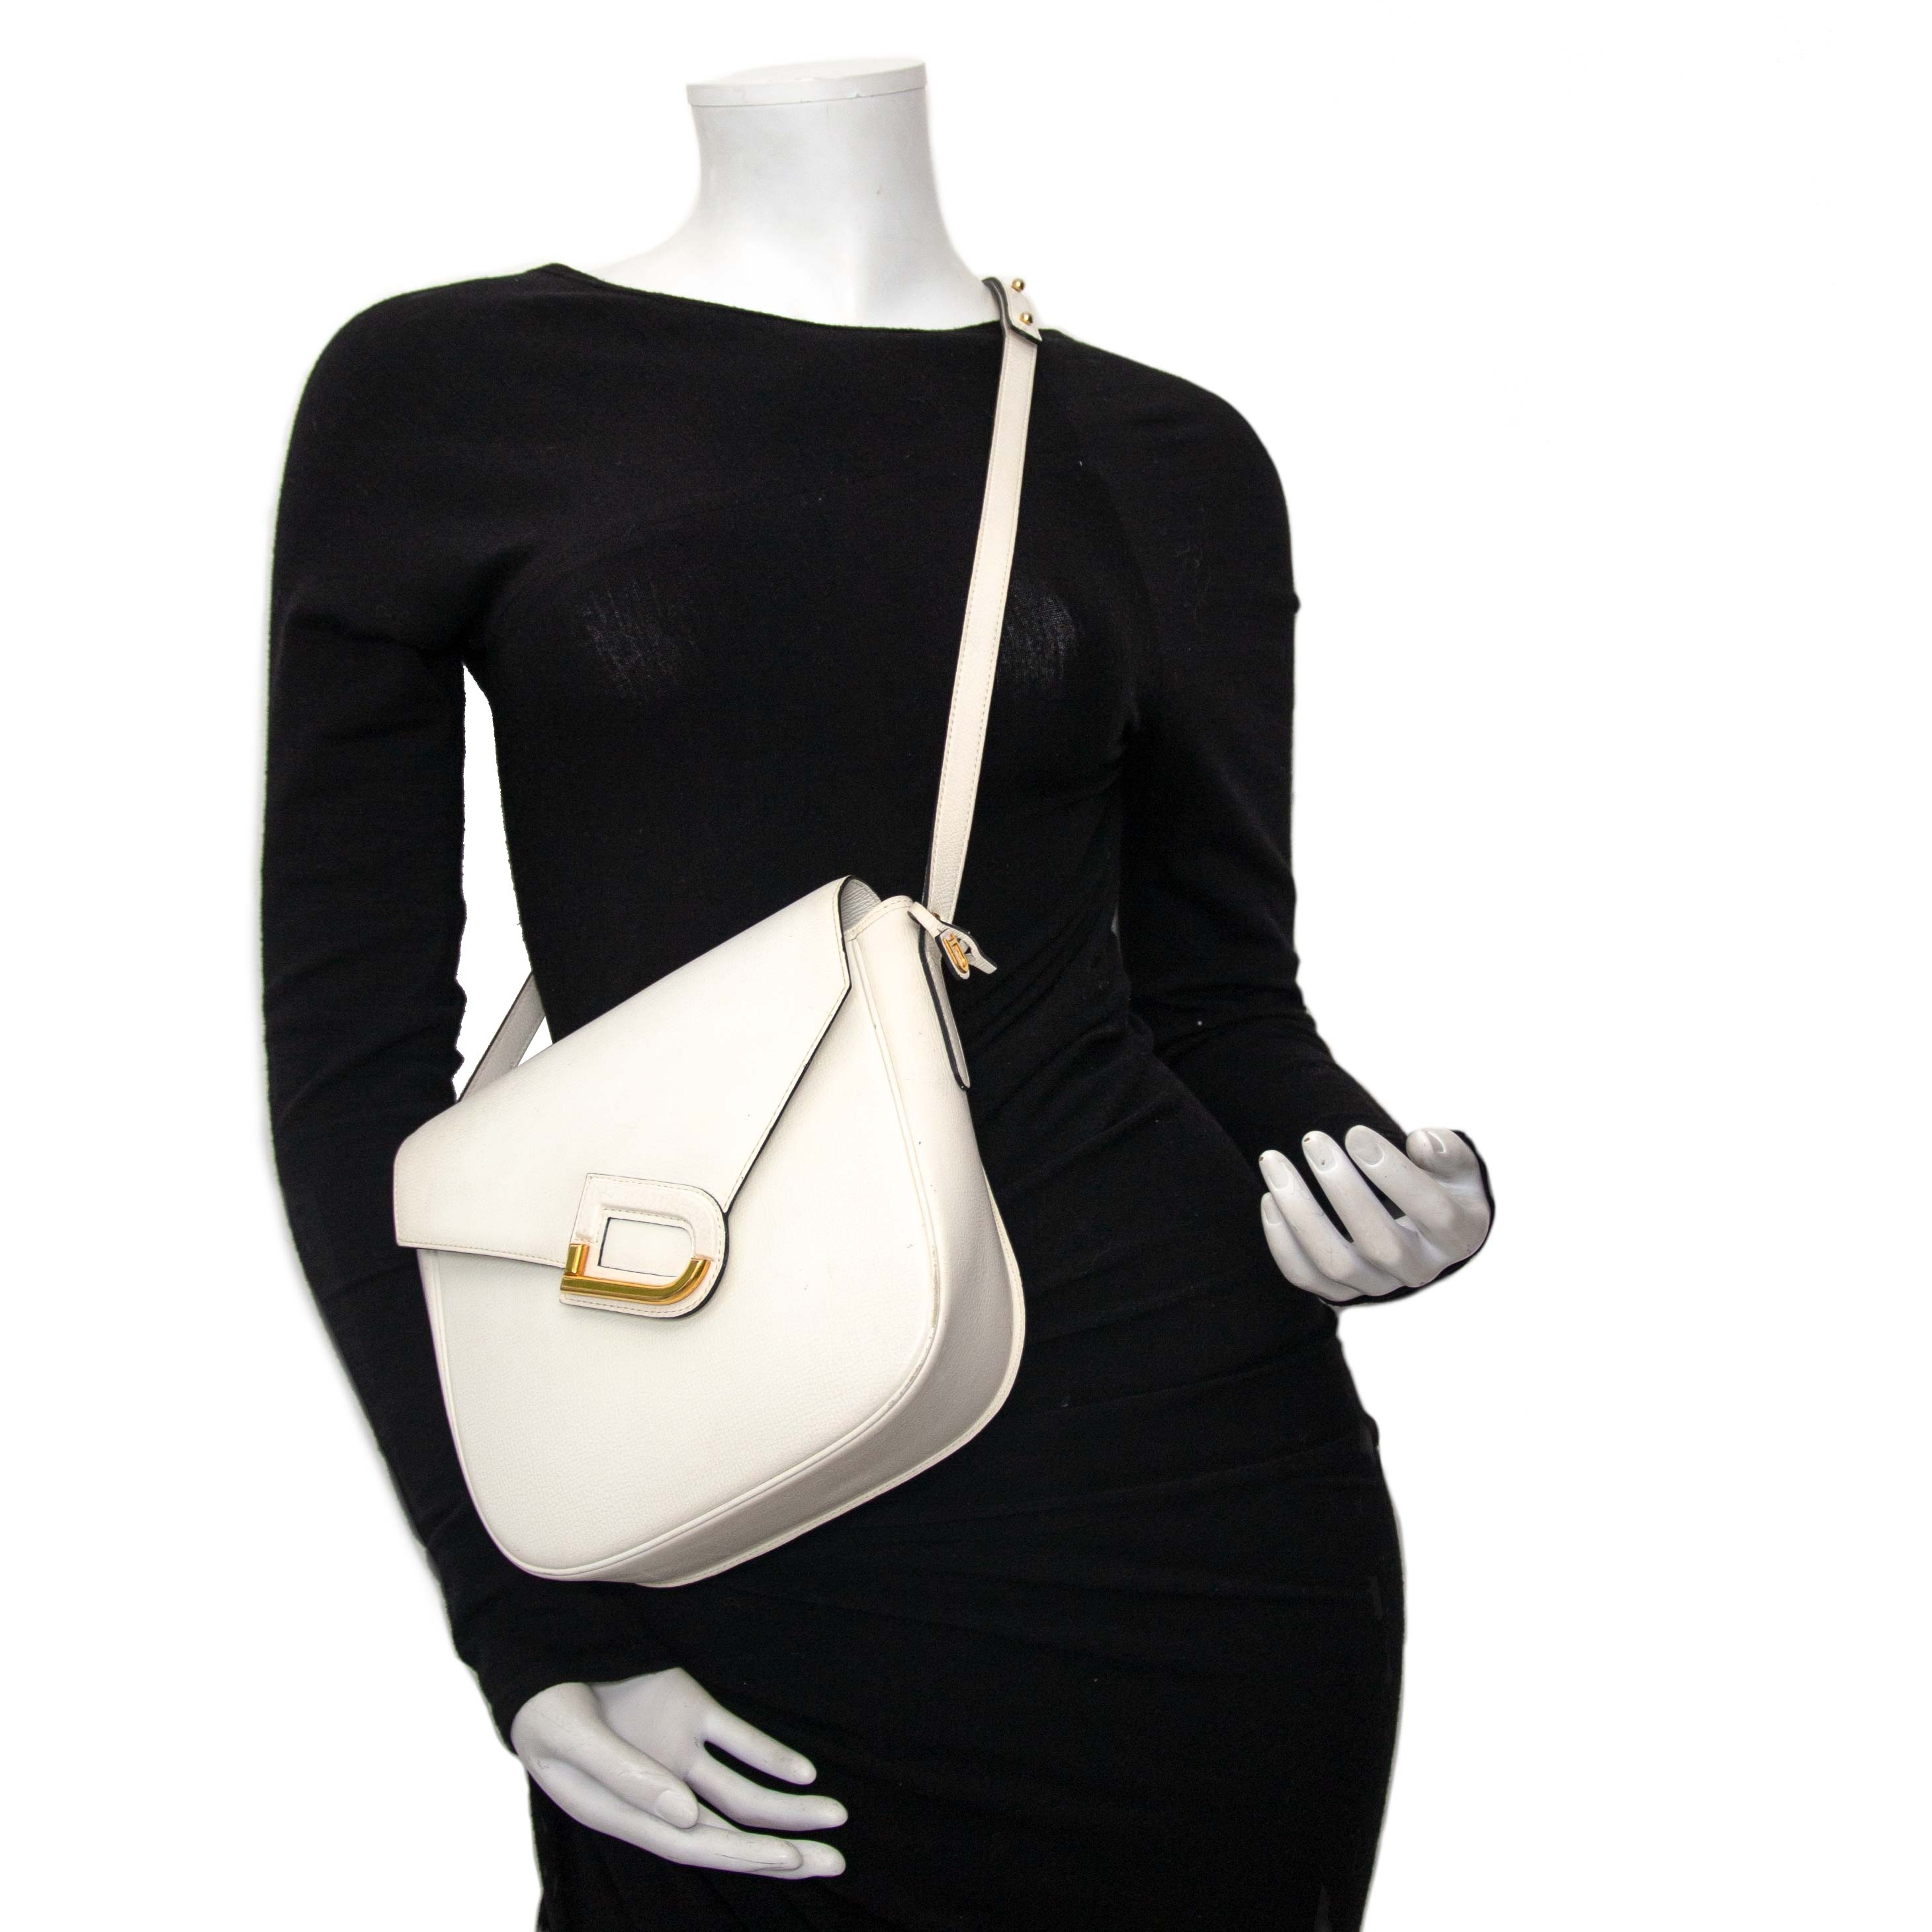 achetez en ligne Delvaux White Leather Crossbody Bag  à un bon prix chez Labellov à Anvers